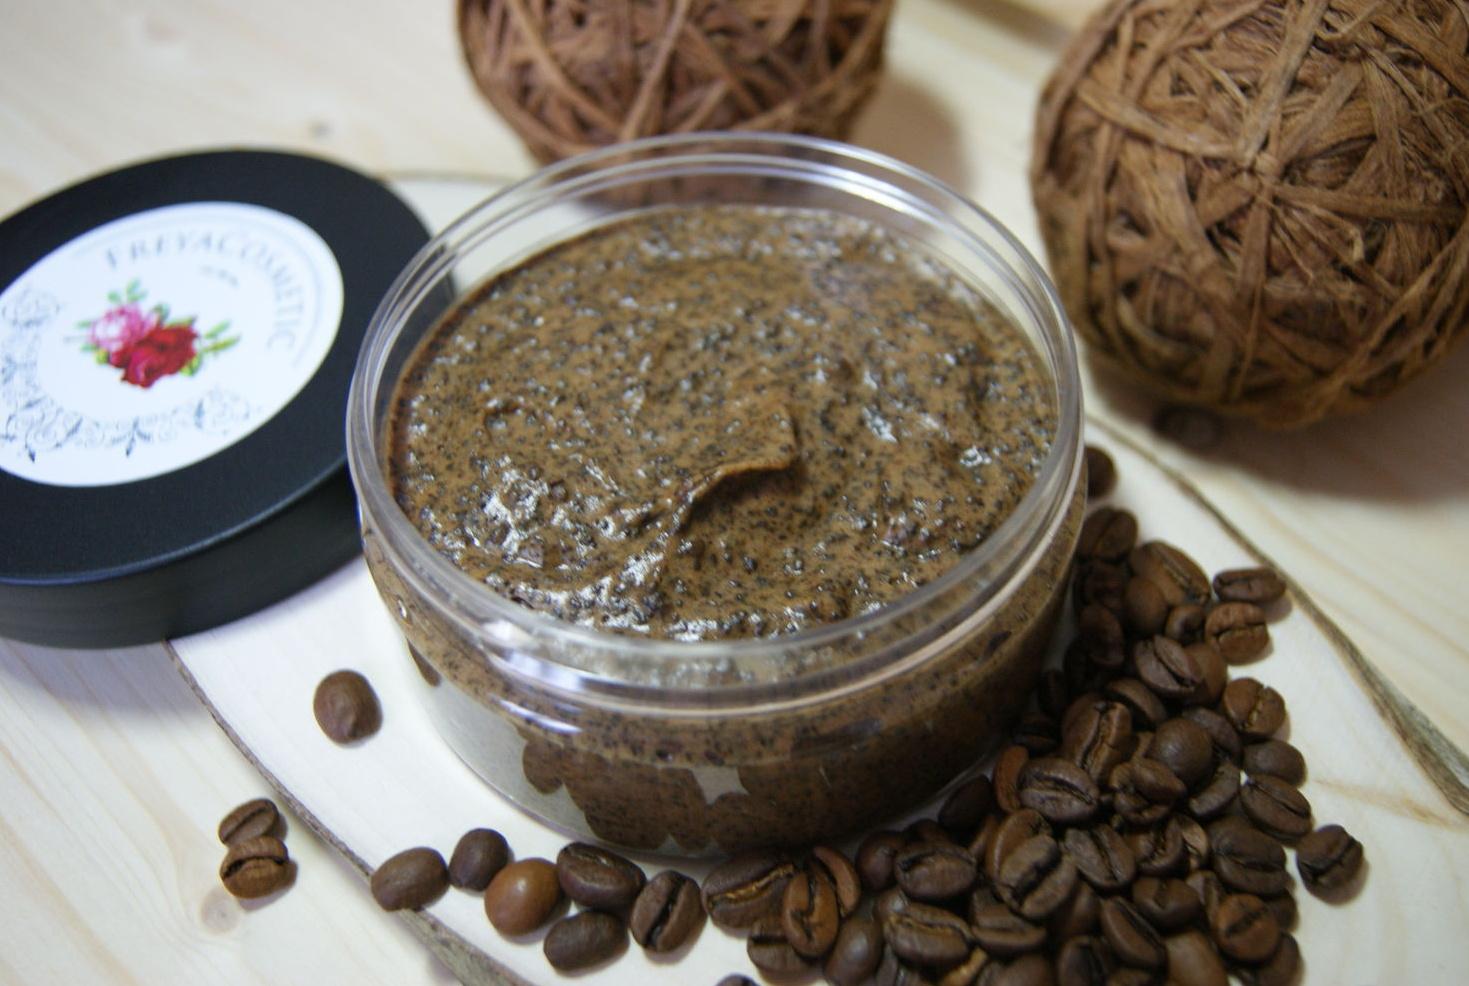 Домашний скраб из кофейной гущи: как приготовить, применение, противопоказания